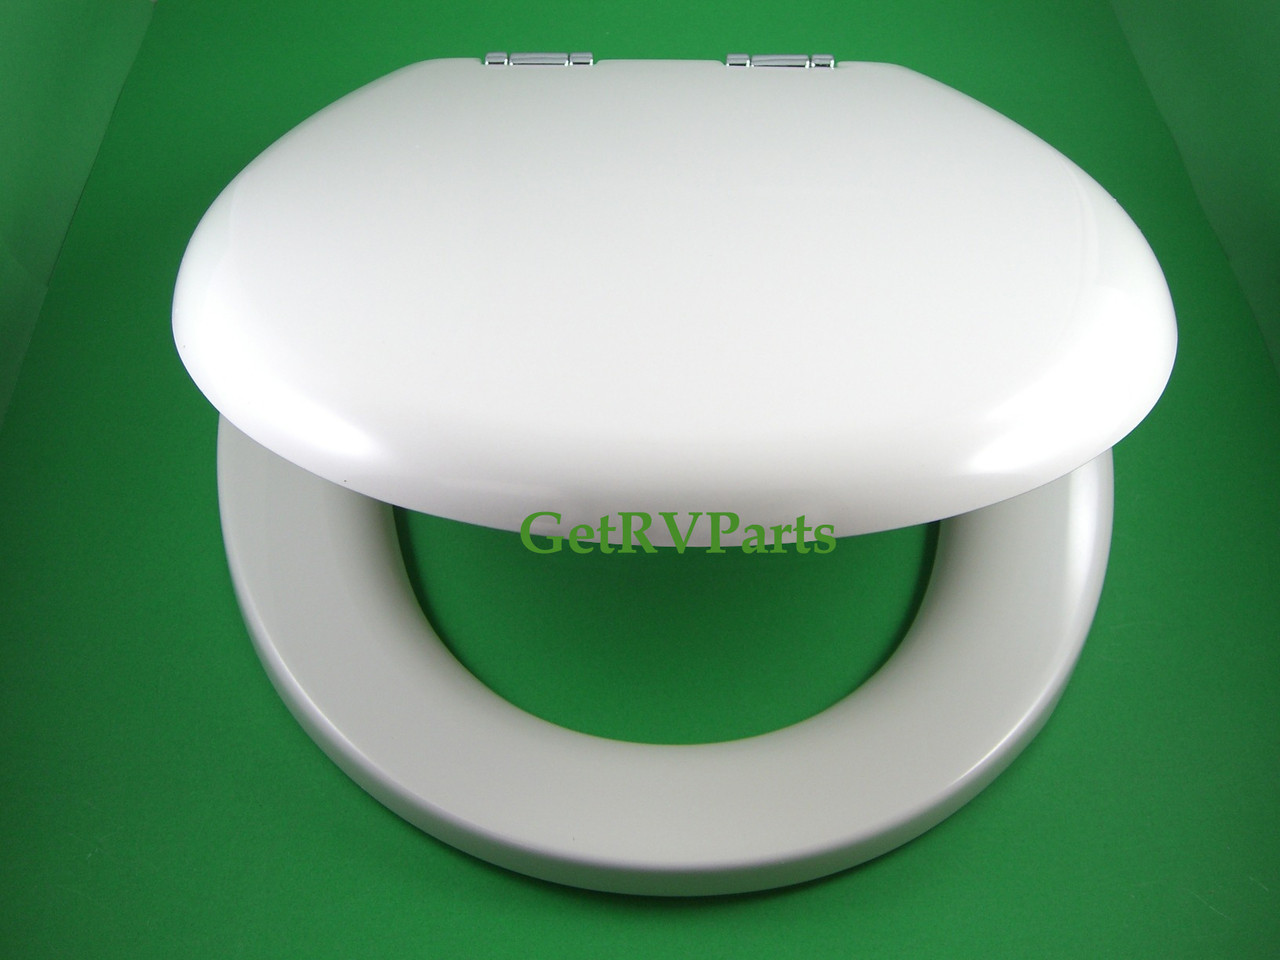 Enjoyable Thetford 36503 Rv Toilet Seat And Lid Bone Tecma Short Links Chair Design For Home Short Linksinfo